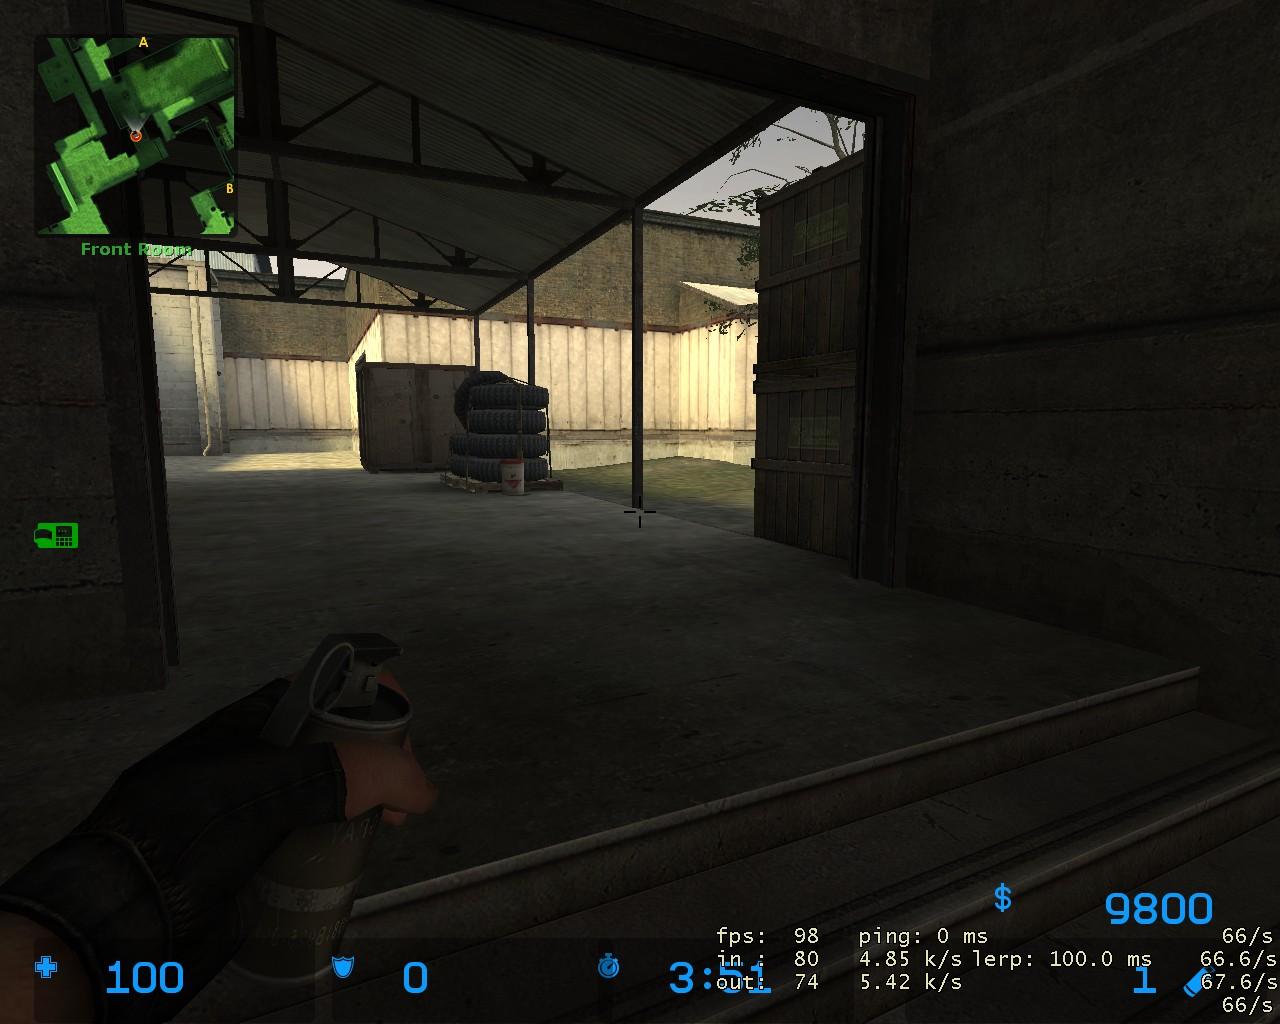 Ian's friend prime-de_season-mid-smoke-jpg